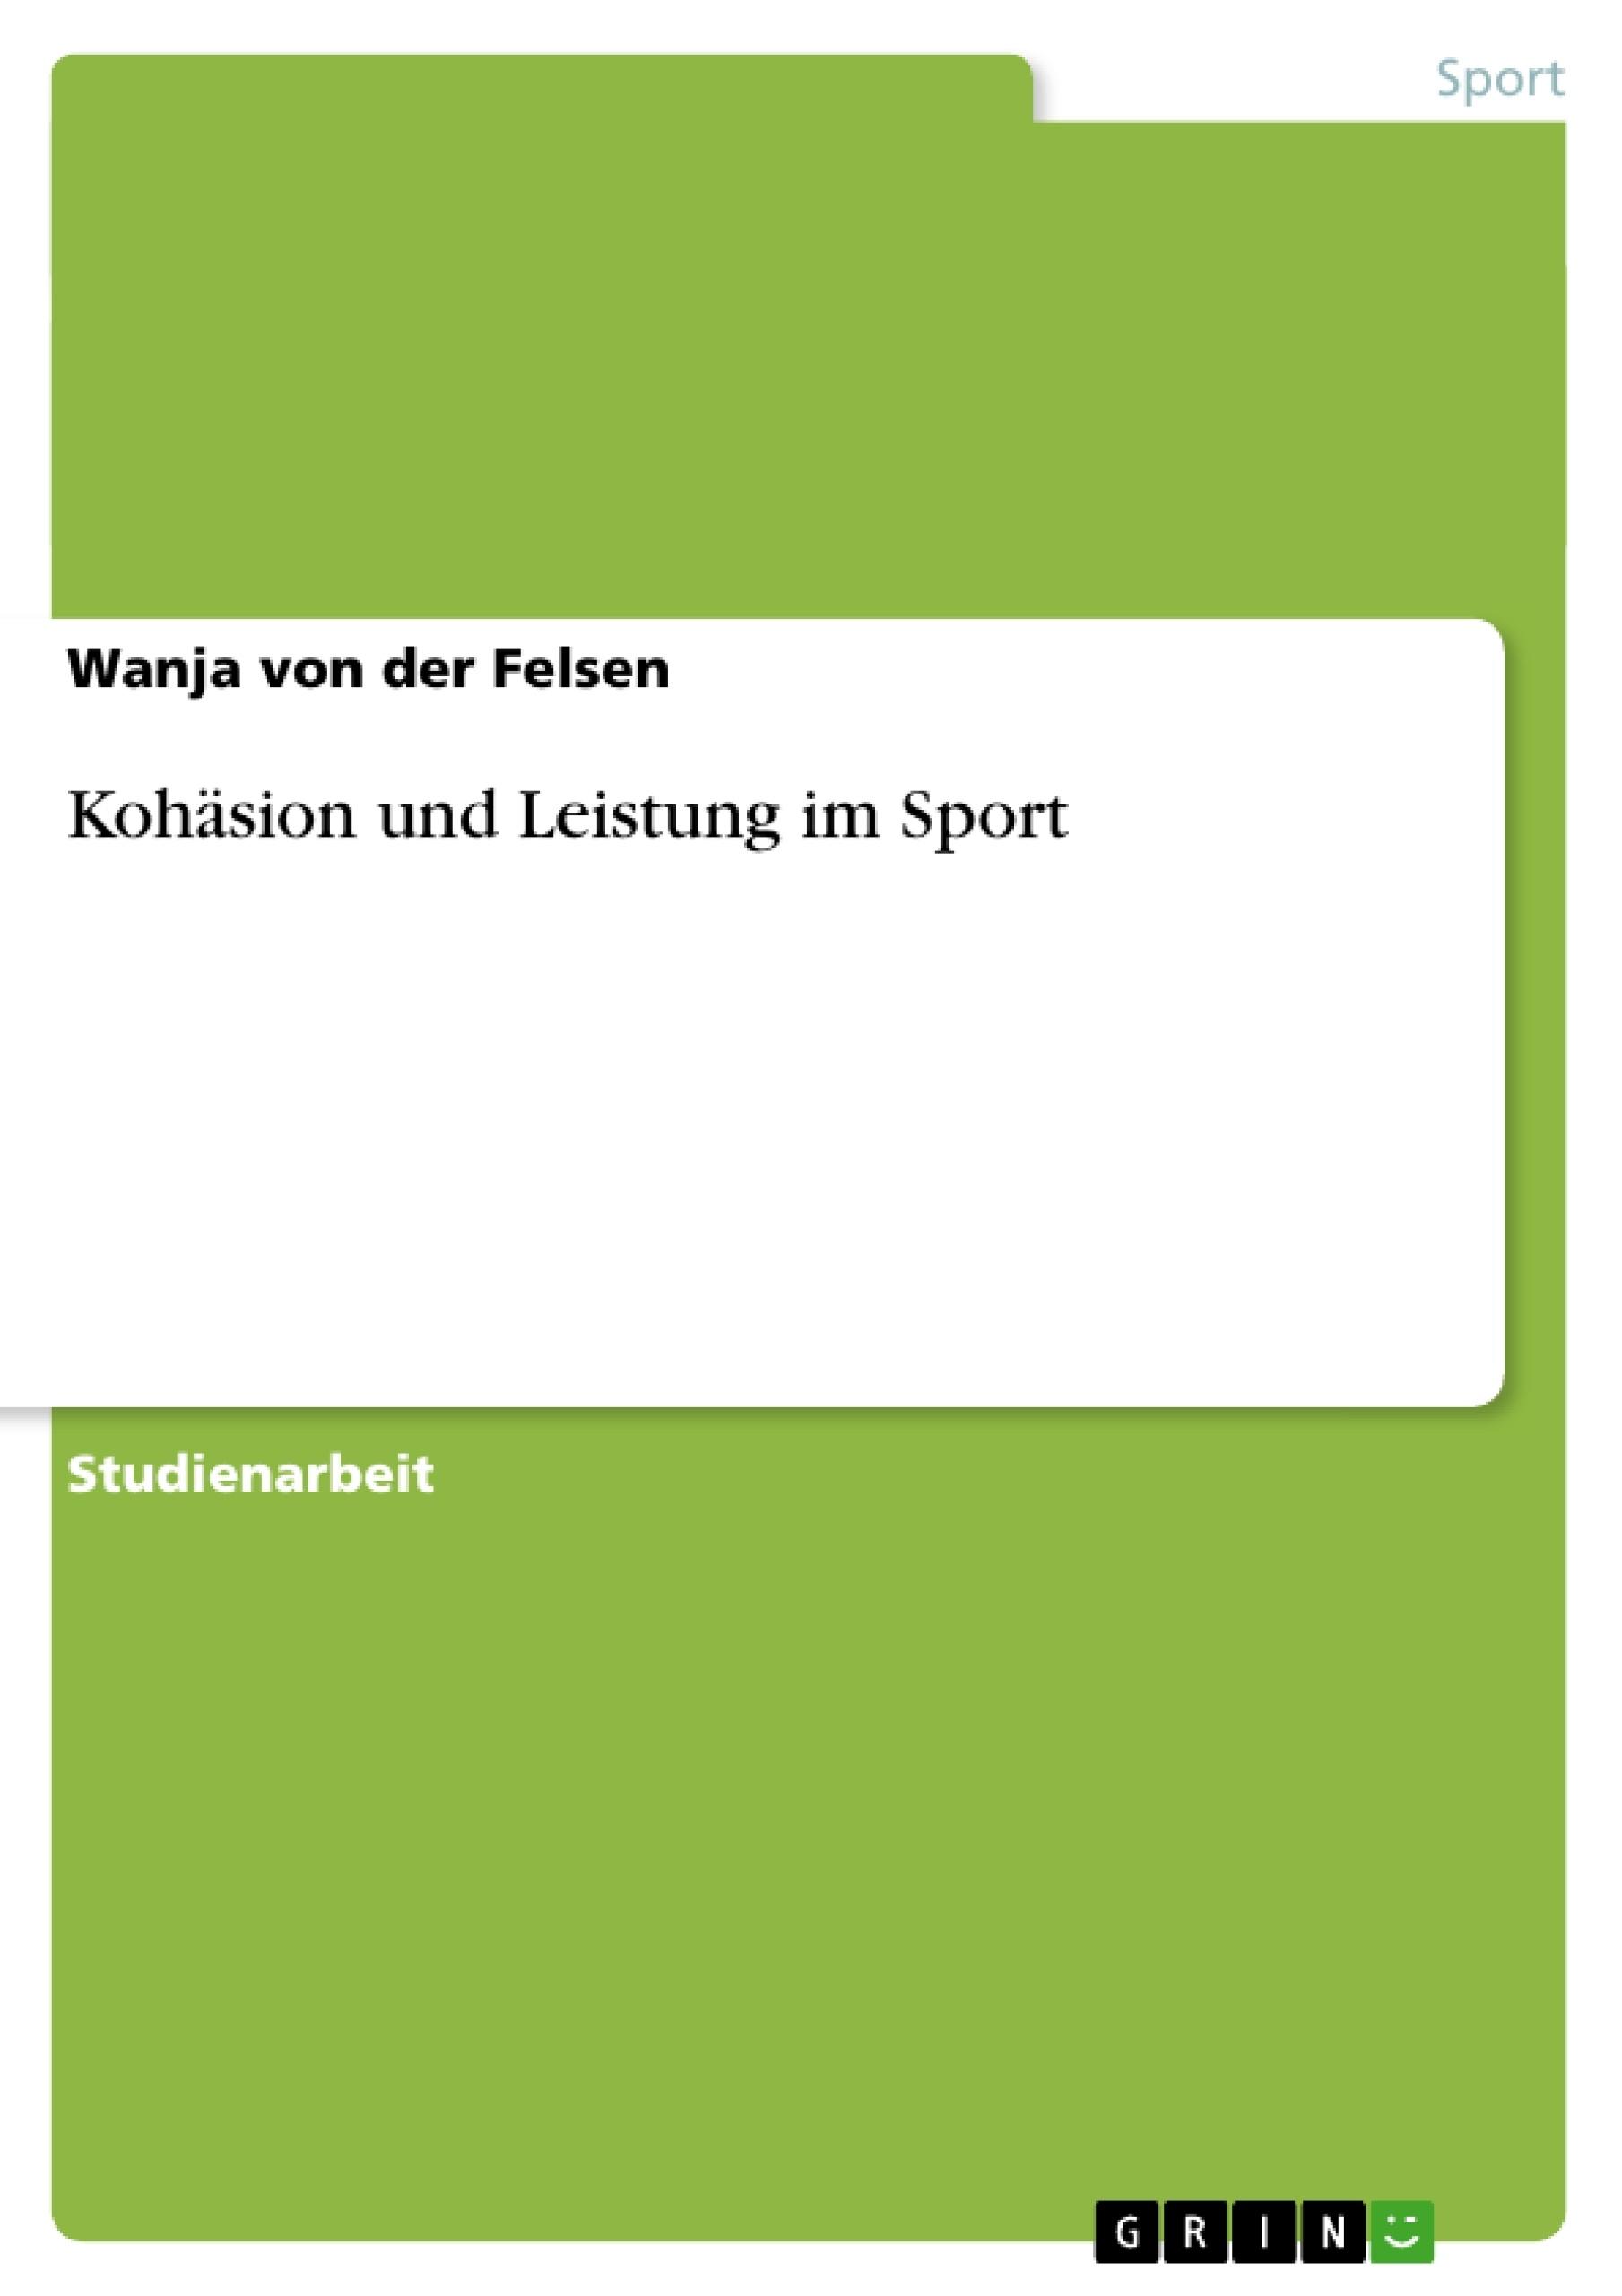 Titel: Kohäsion und Leistung im Sport